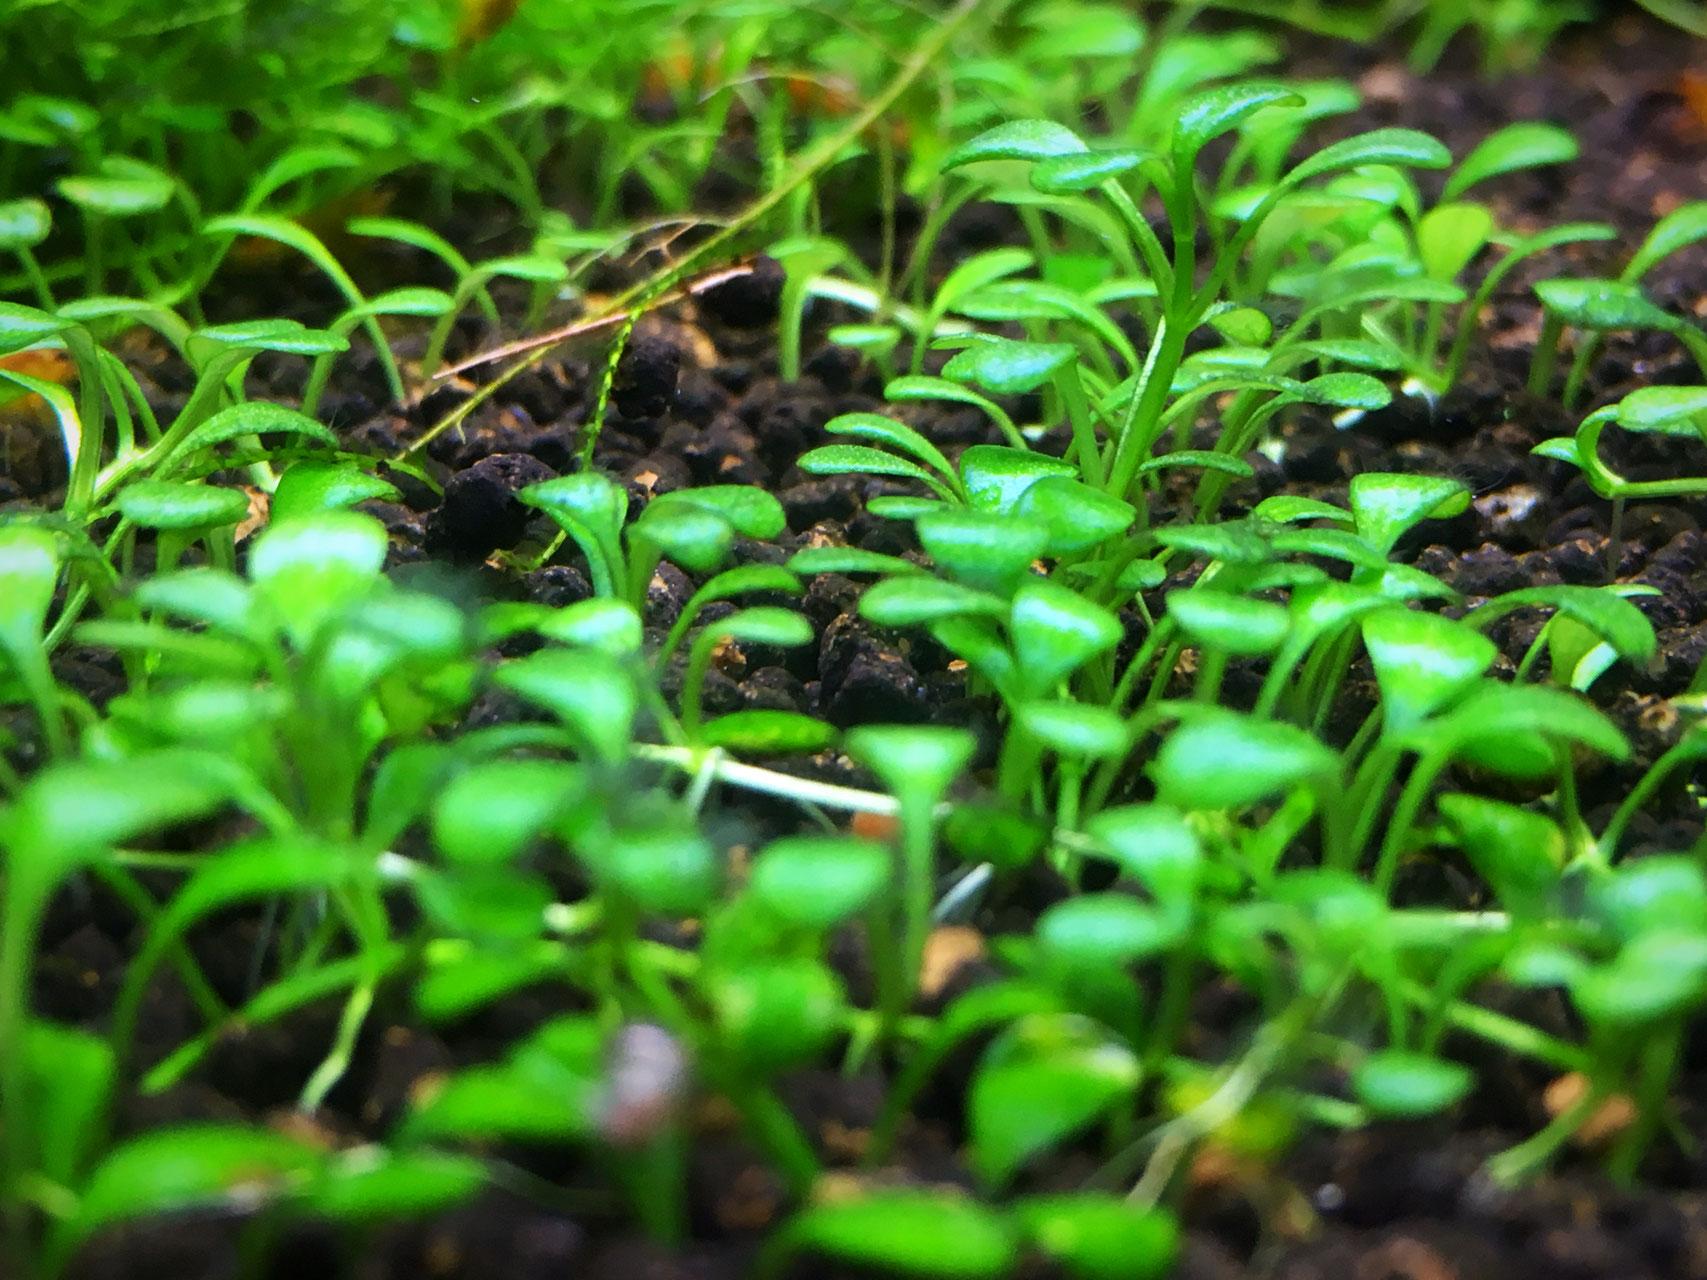 Perlkraut Bodendecker Garnelen Pott De Der Wirbellosen